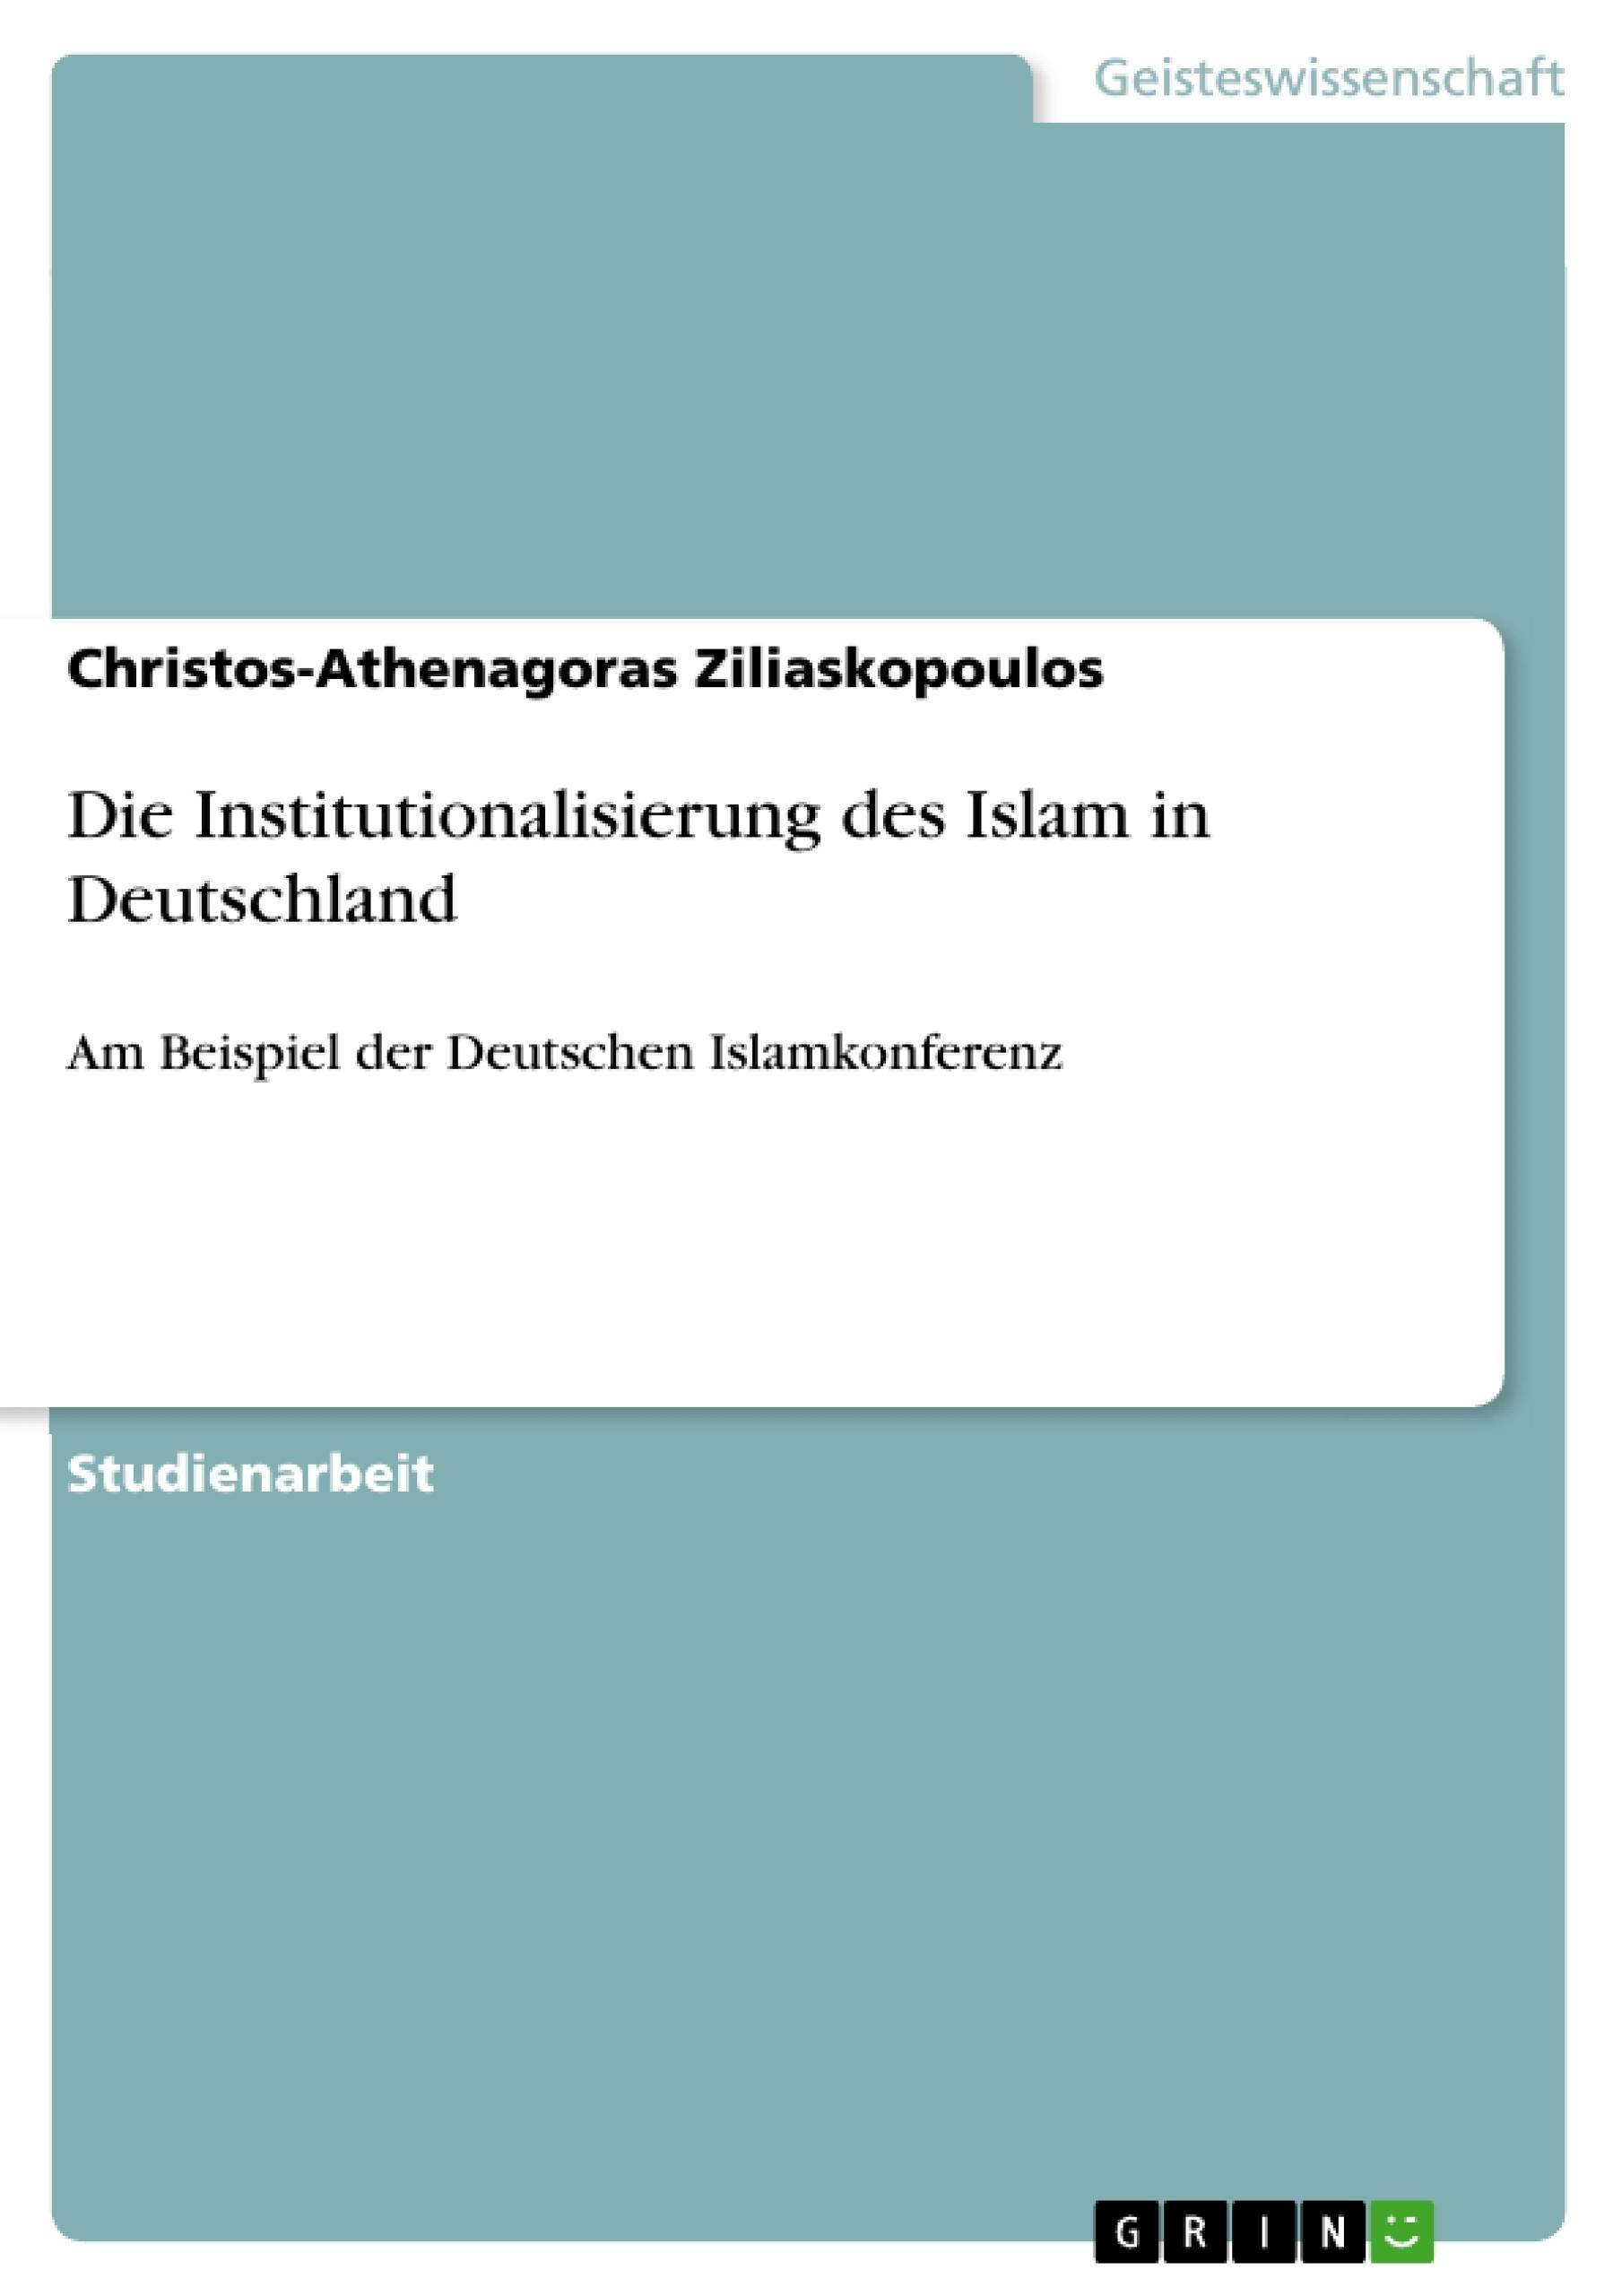 Titel: Die Institutionalisierung des Islam in Deutschland